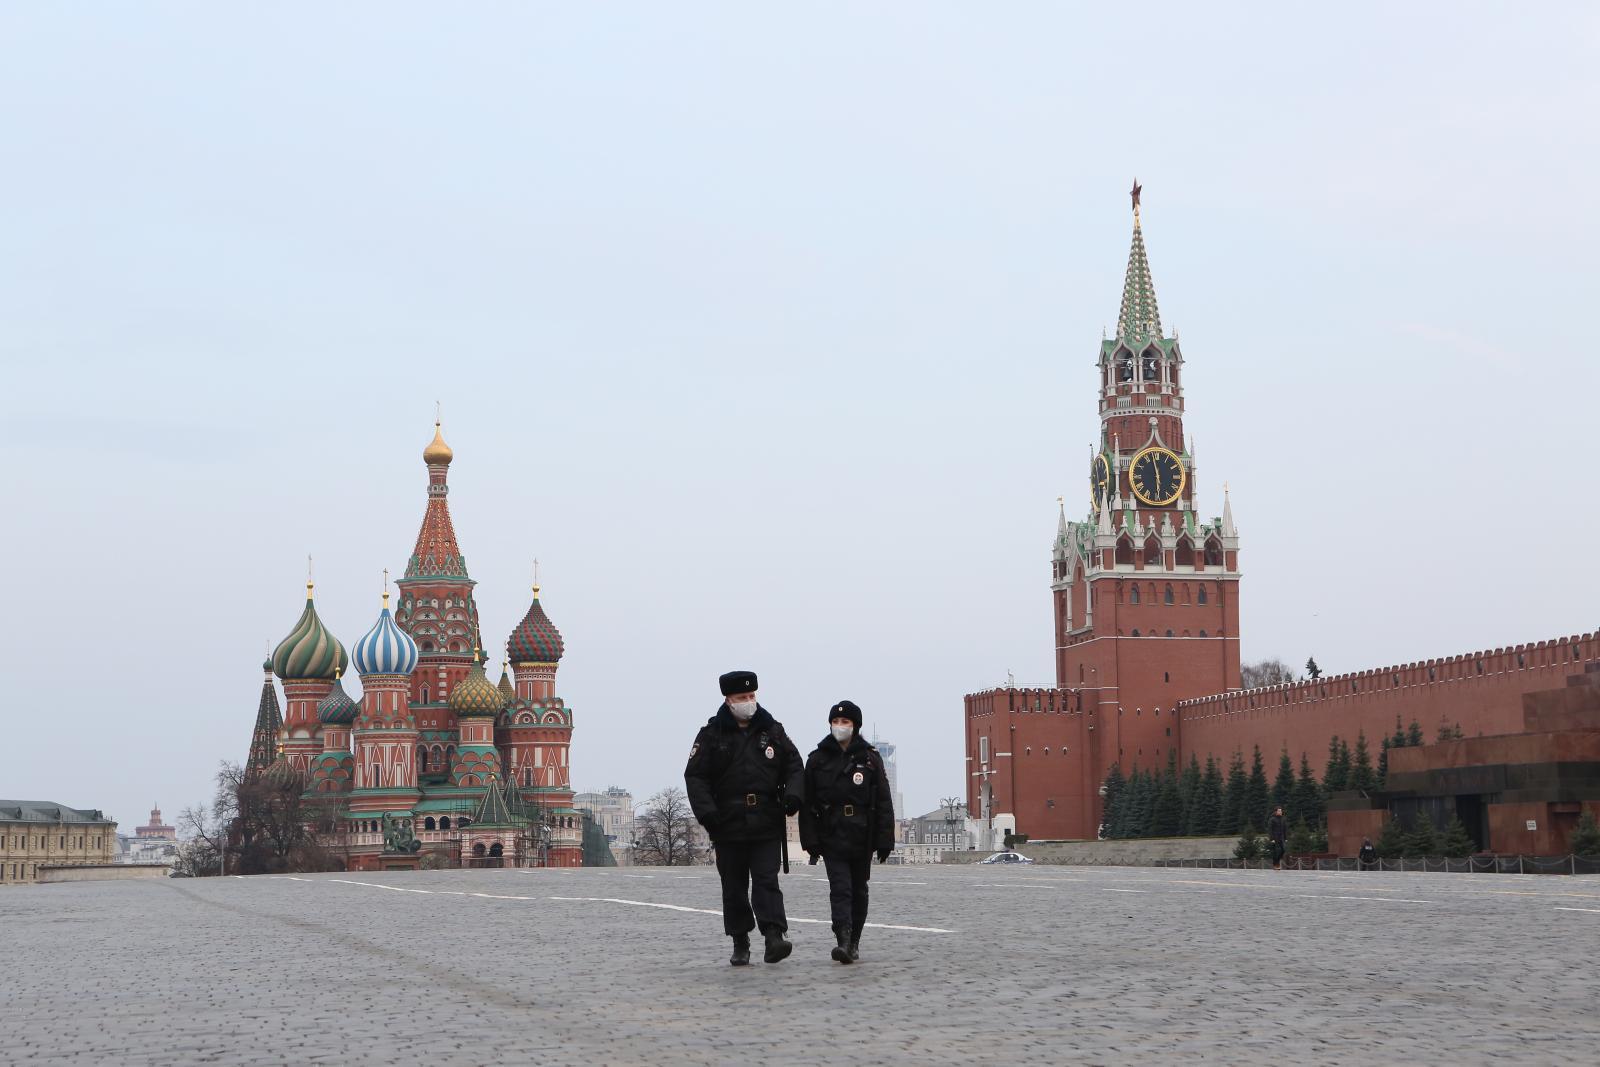 รัสเซีย, ข่าวต่างประเทศ, ข่าววันนี้, โควิด-19 , COVID-19 , ผู้ติดเชื้อ